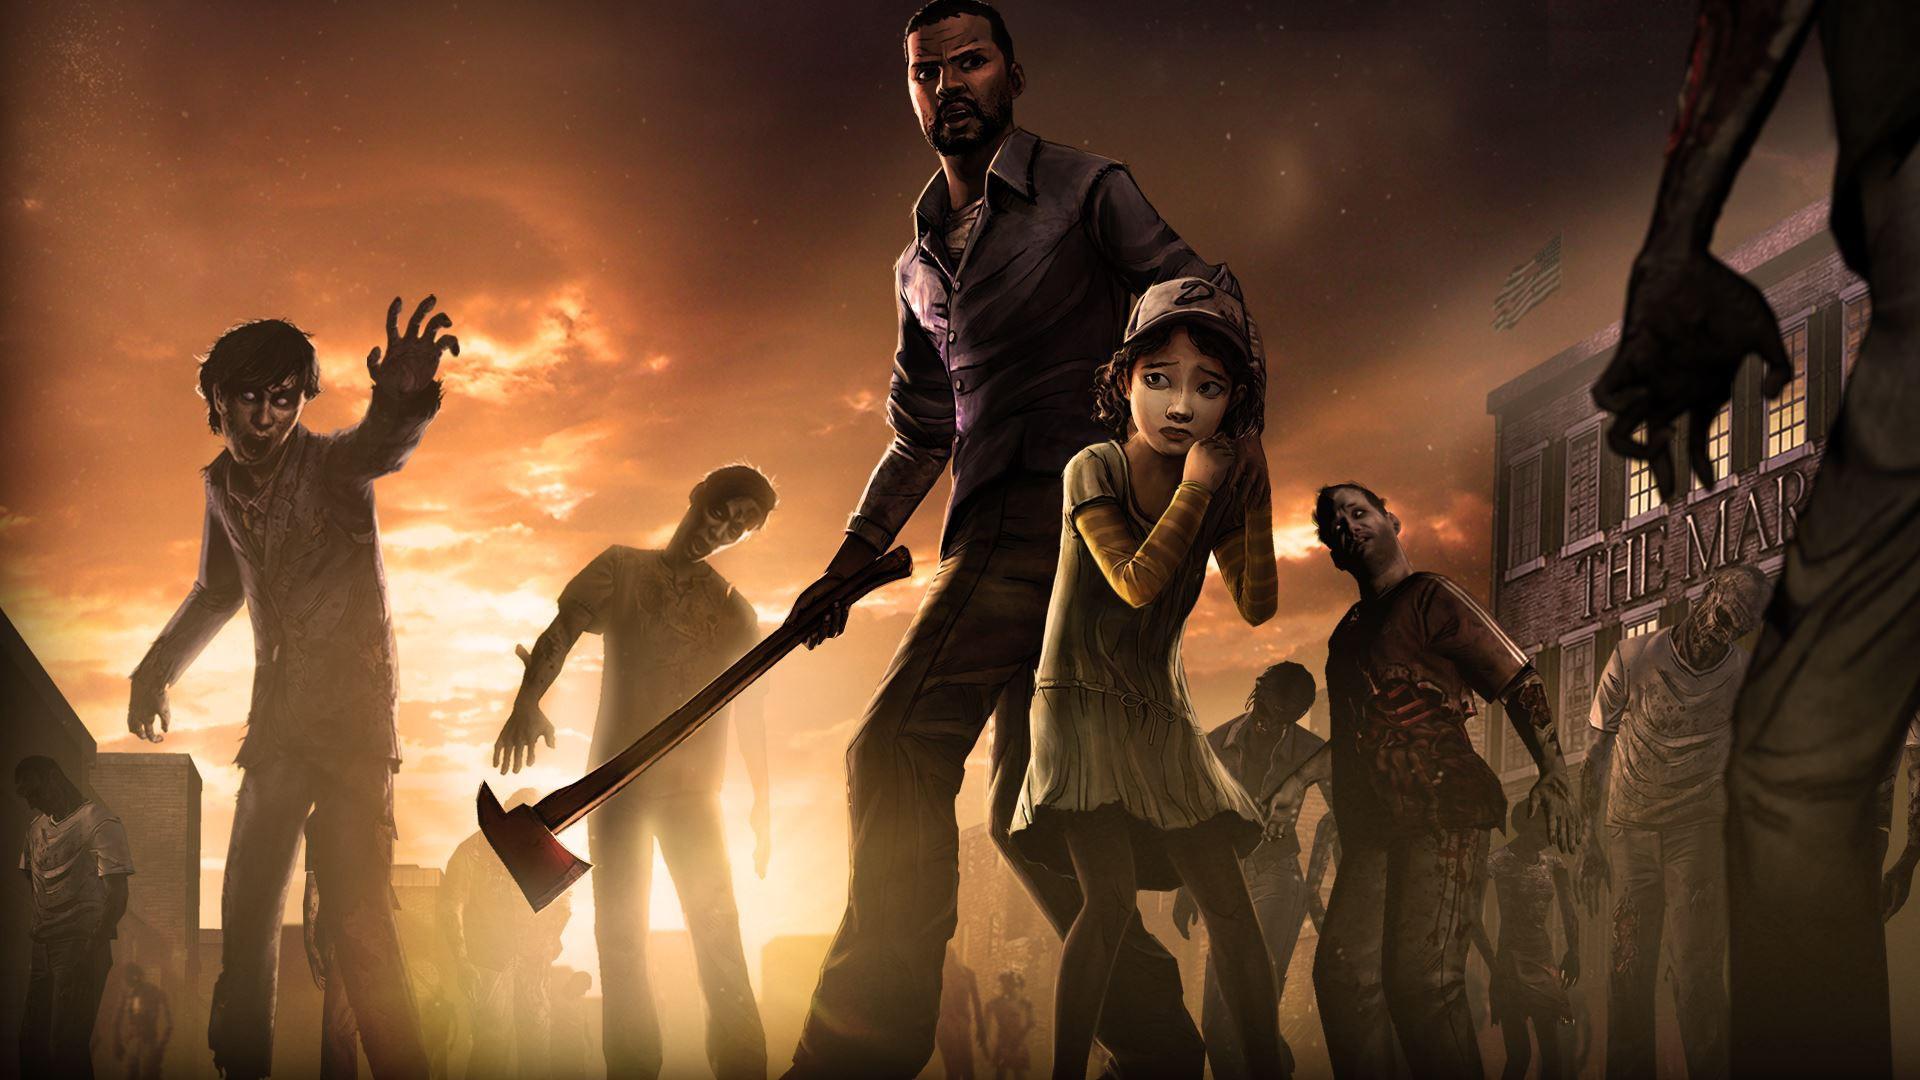 Как из-за токсичного руководства Telltale Games потеряла лучших разработчиков - 3